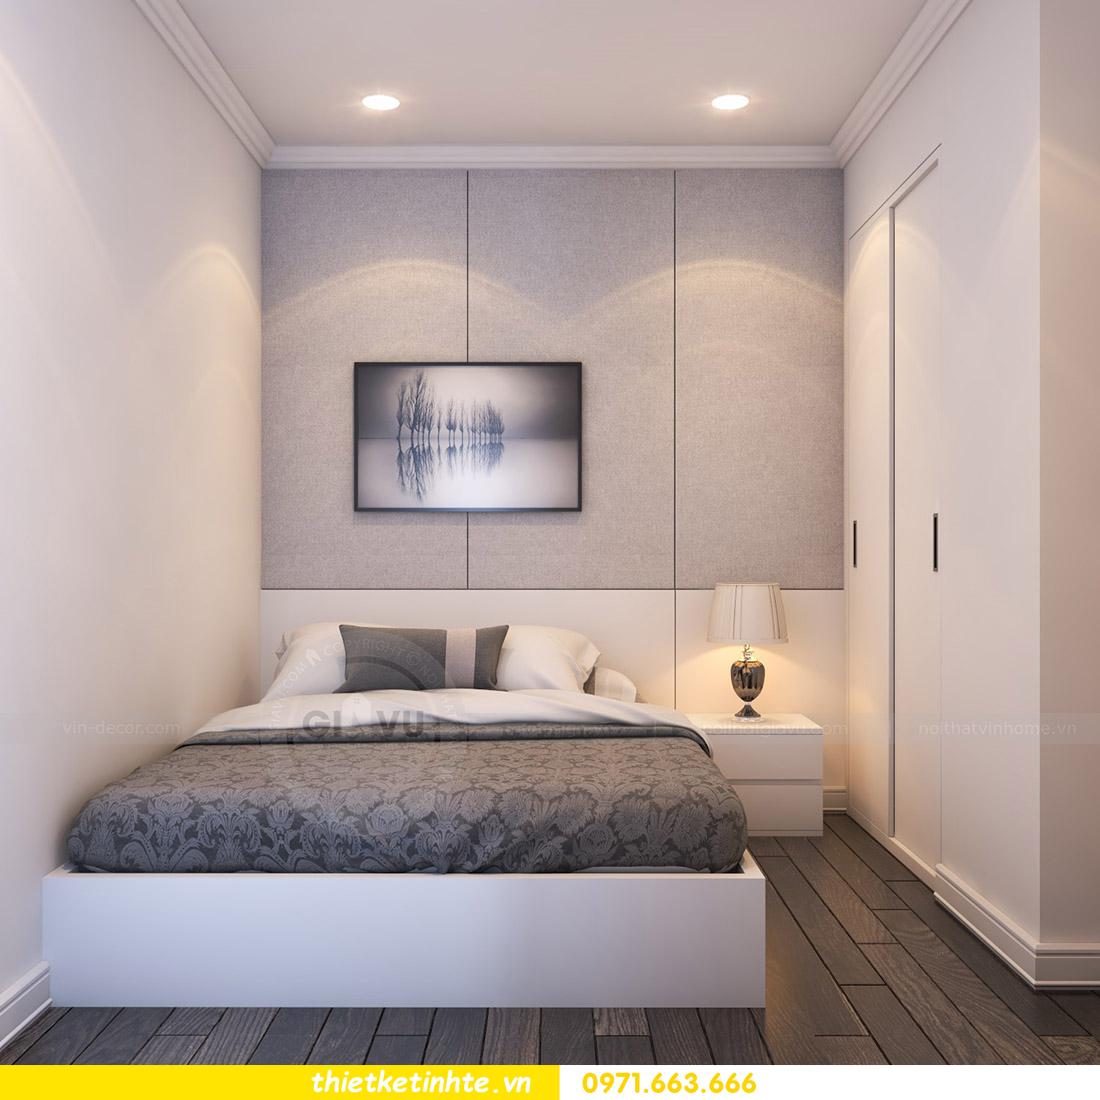 mẫu thiết kế nội thất chung cư Ancora Lương Yên đẹp mê ly 08